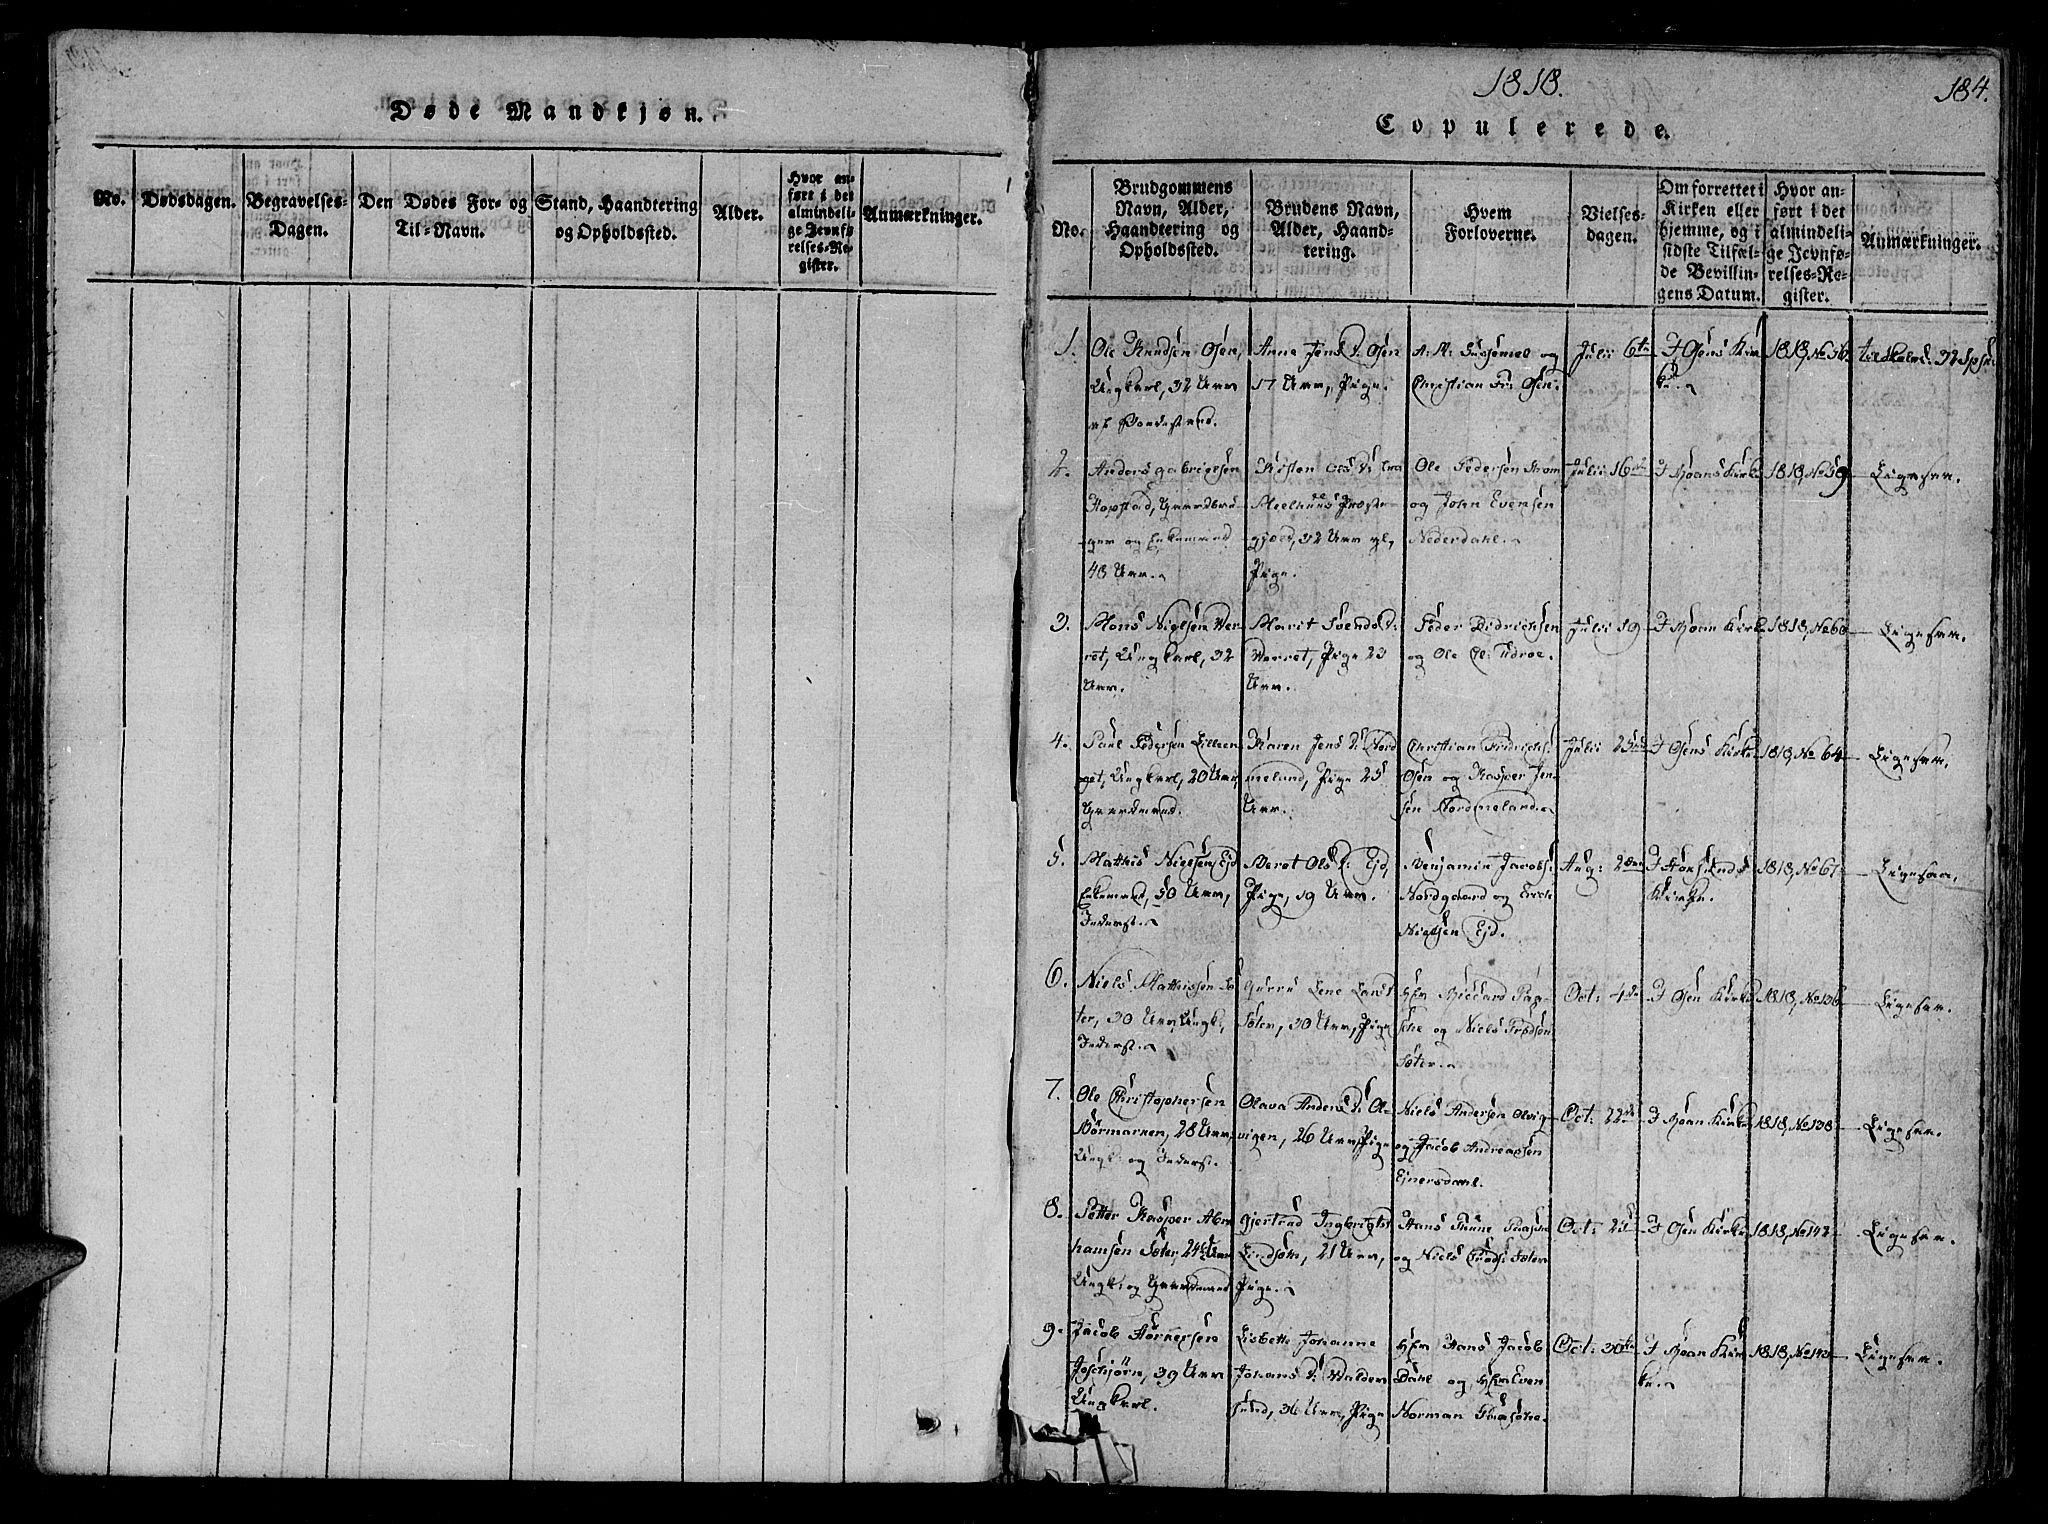 SAT, Ministerialprotokoller, klokkerbøker og fødselsregistre - Sør-Trøndelag, 657/L0702: Ministerialbok nr. 657A03, 1818-1831, s. 184